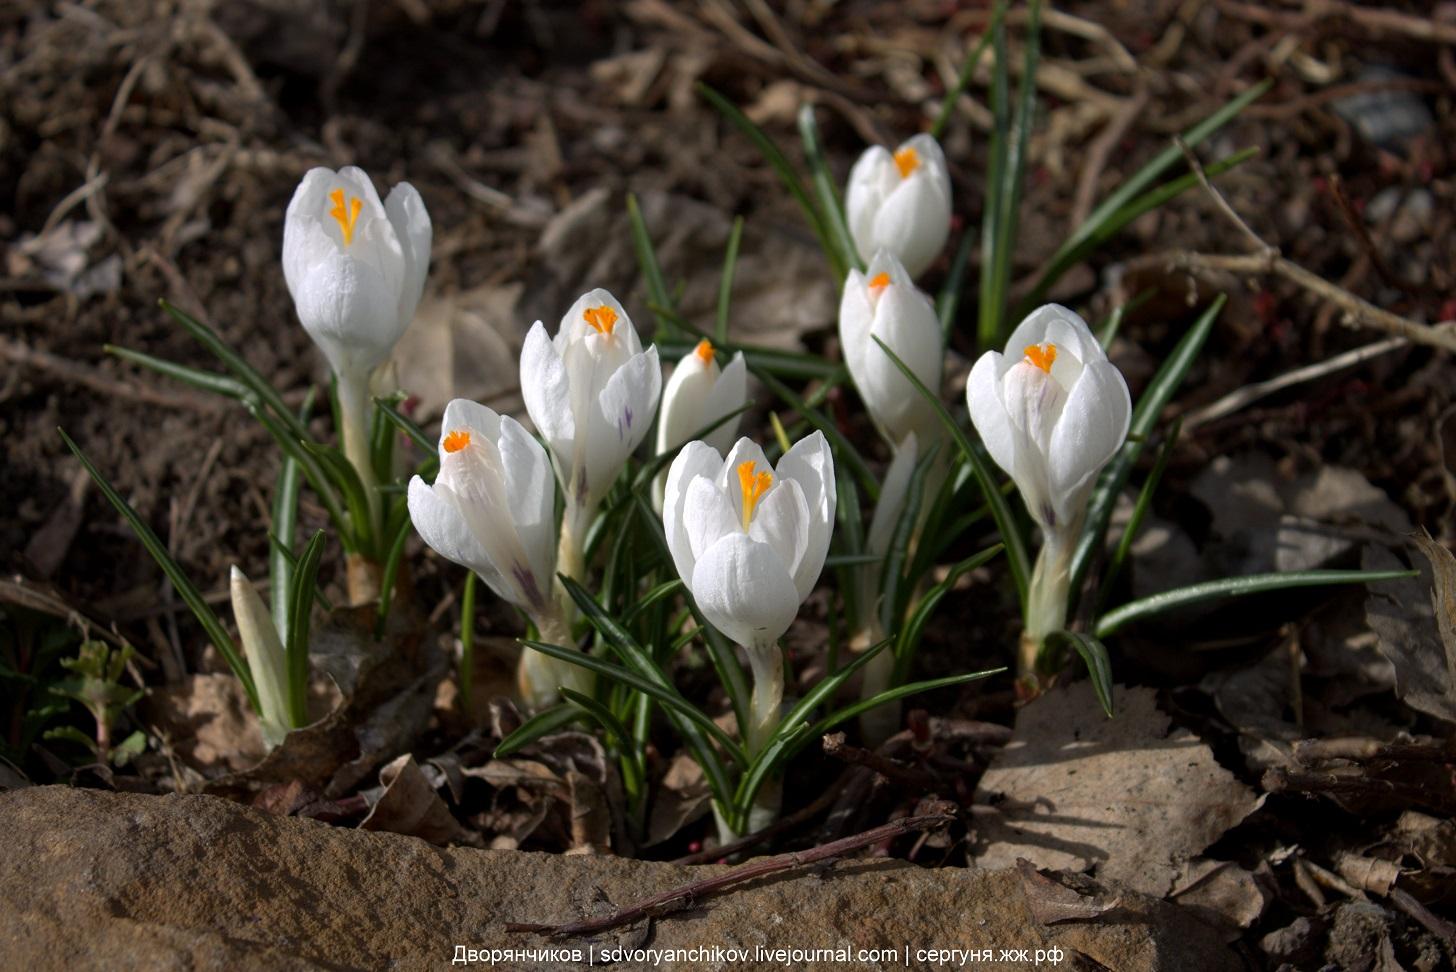 Весна - зацвели крокусы - 29 марта 2017 парк вгс